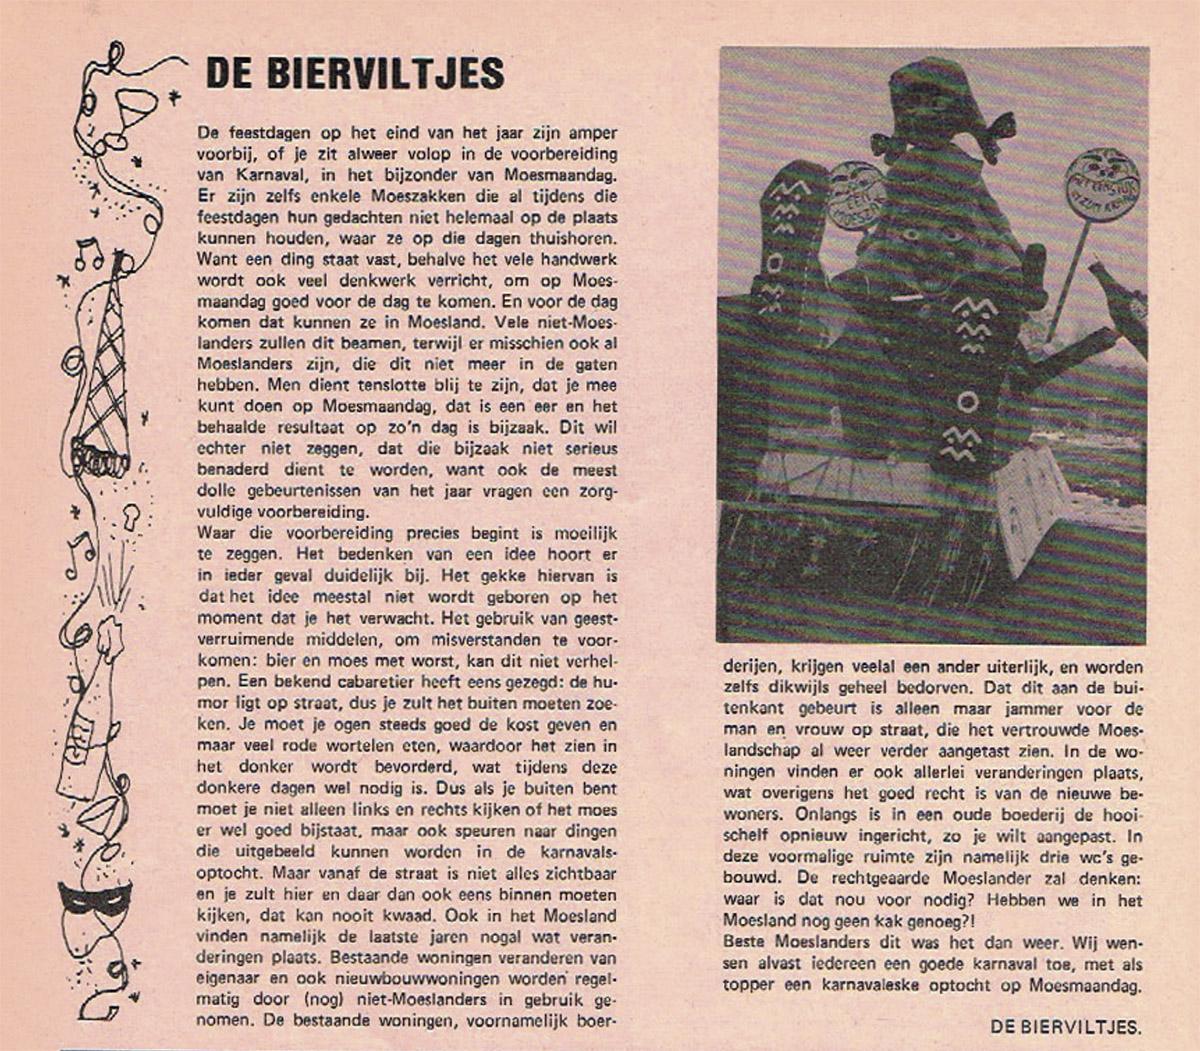 Stuk uit de carnavalskrant van de Bierviltjes - 1980